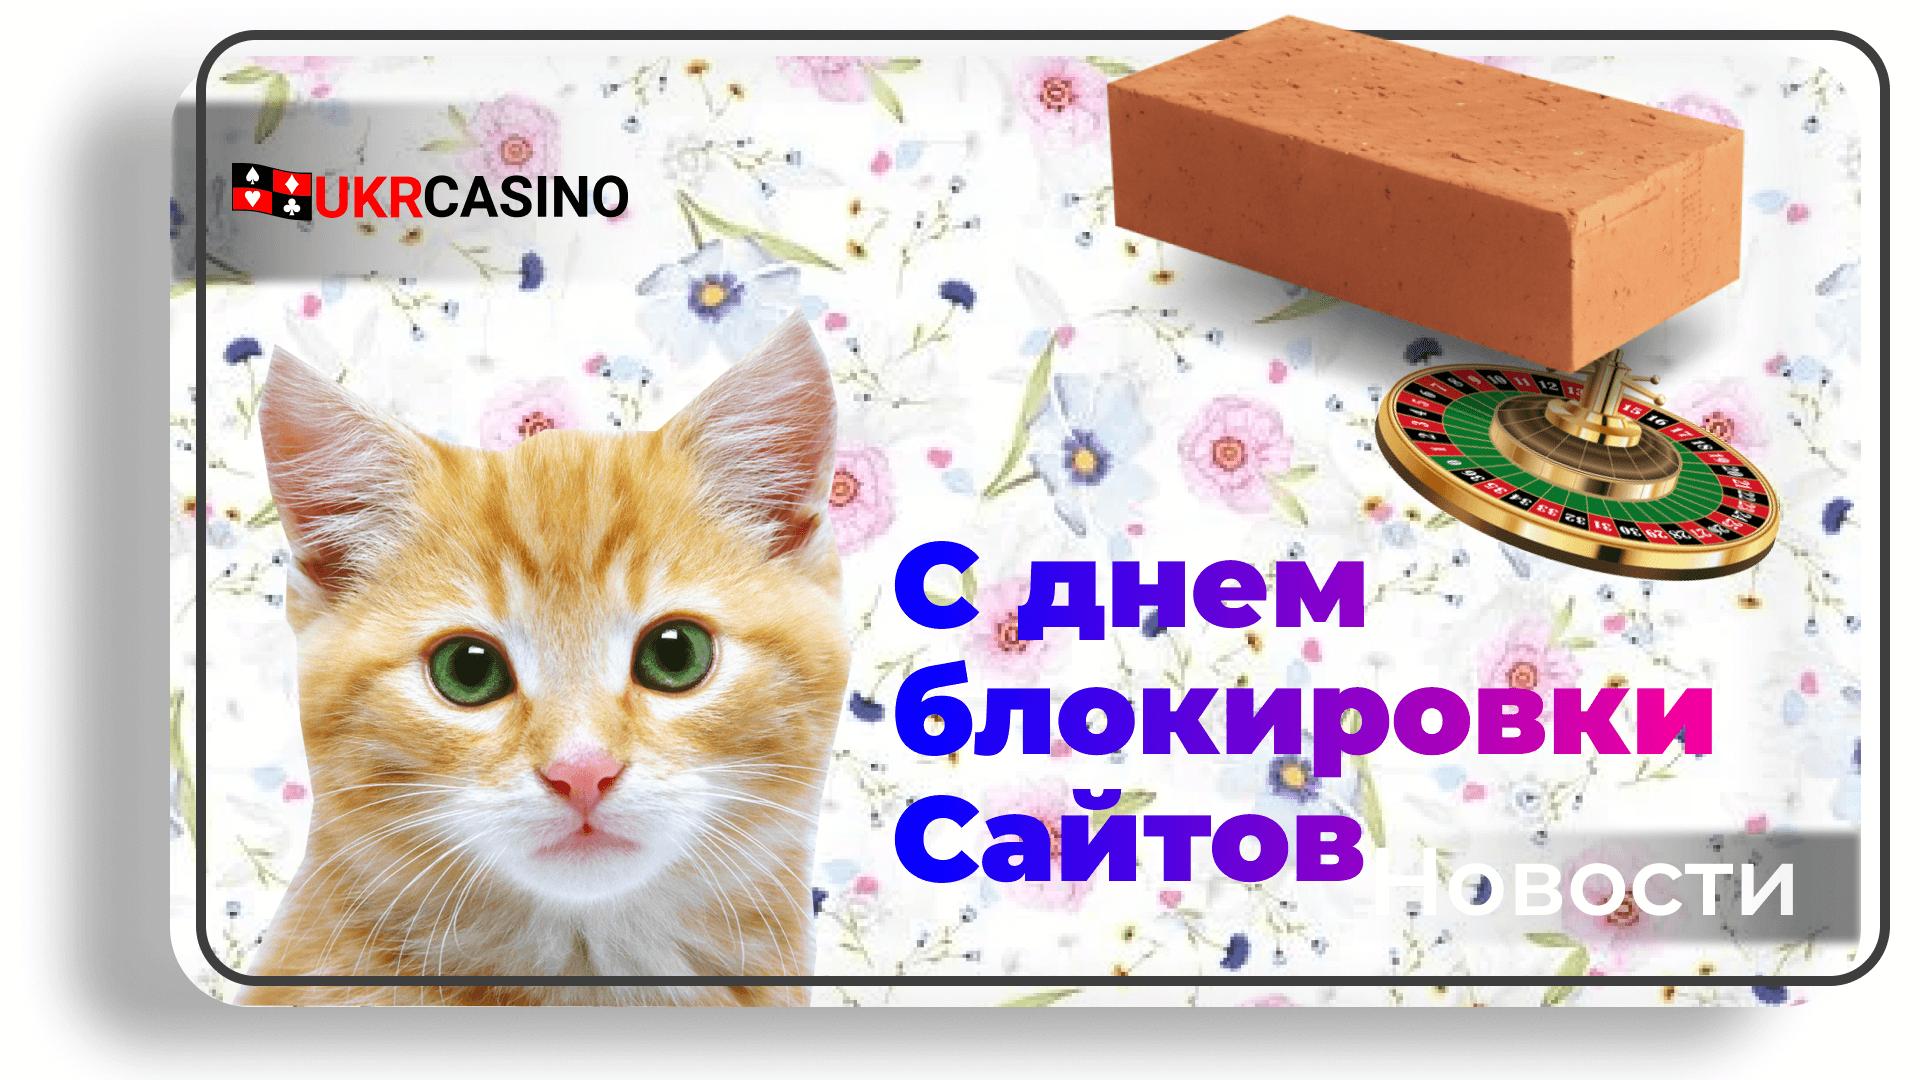 В Украине заблокировали 250 азартных заведений онлайн, которые не имеют украинской лицензии